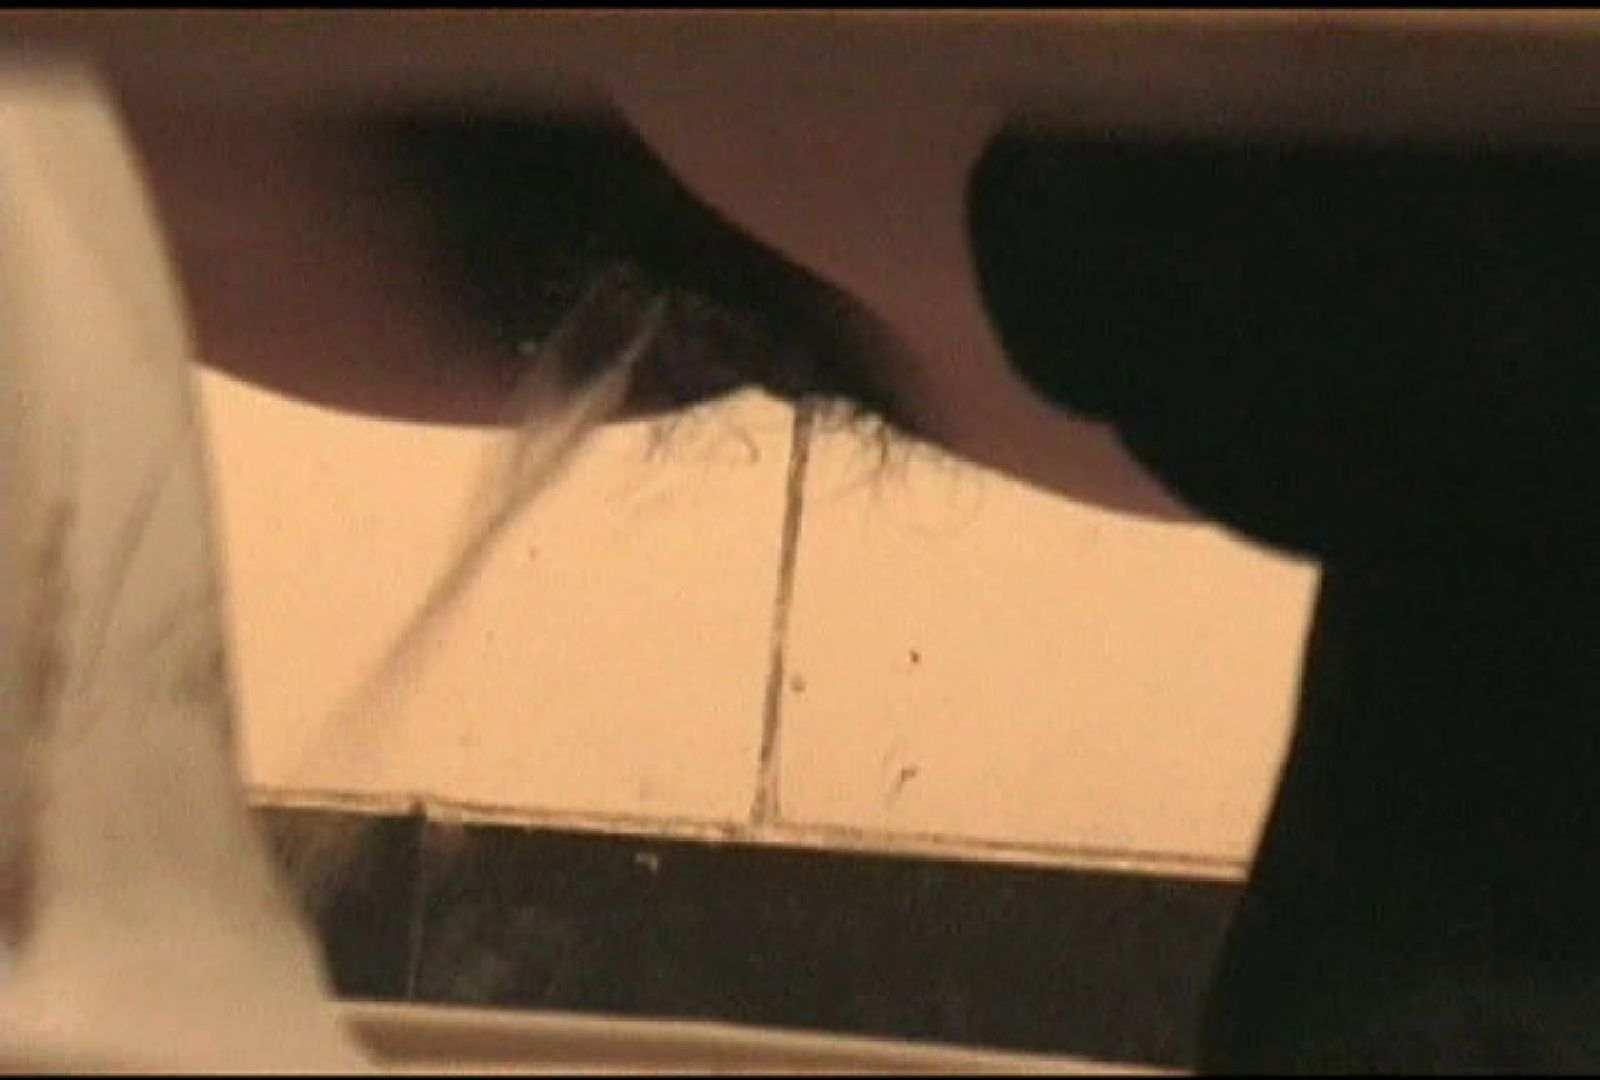 マンコ丸見え女子洗面所Vol.50 丸見えマンコ おめこ無修正画像 75PIX 49